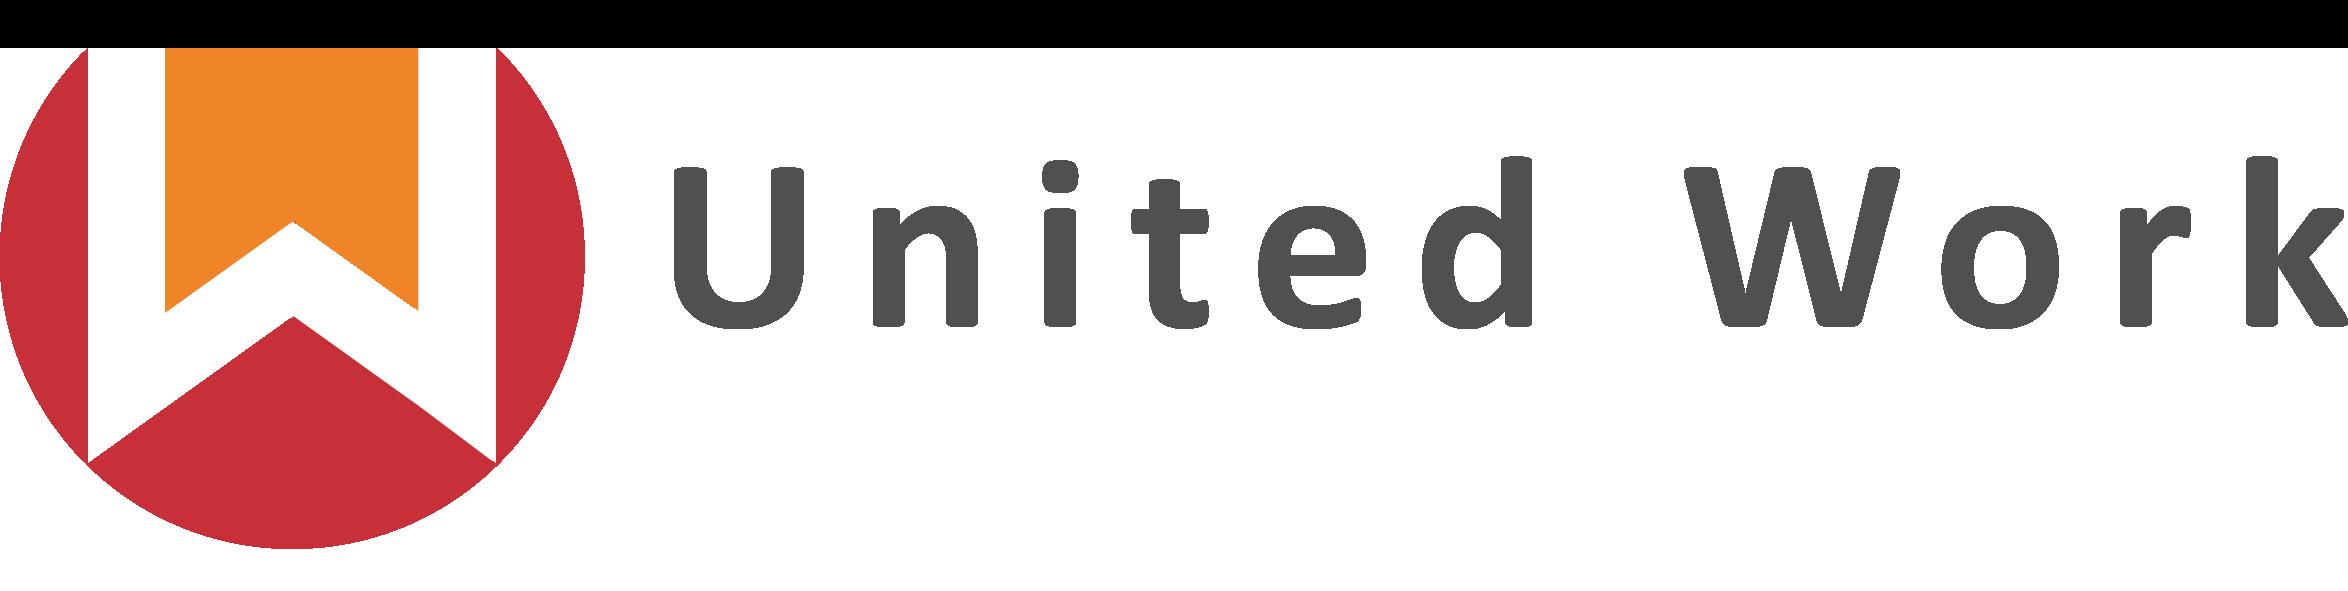 United Work